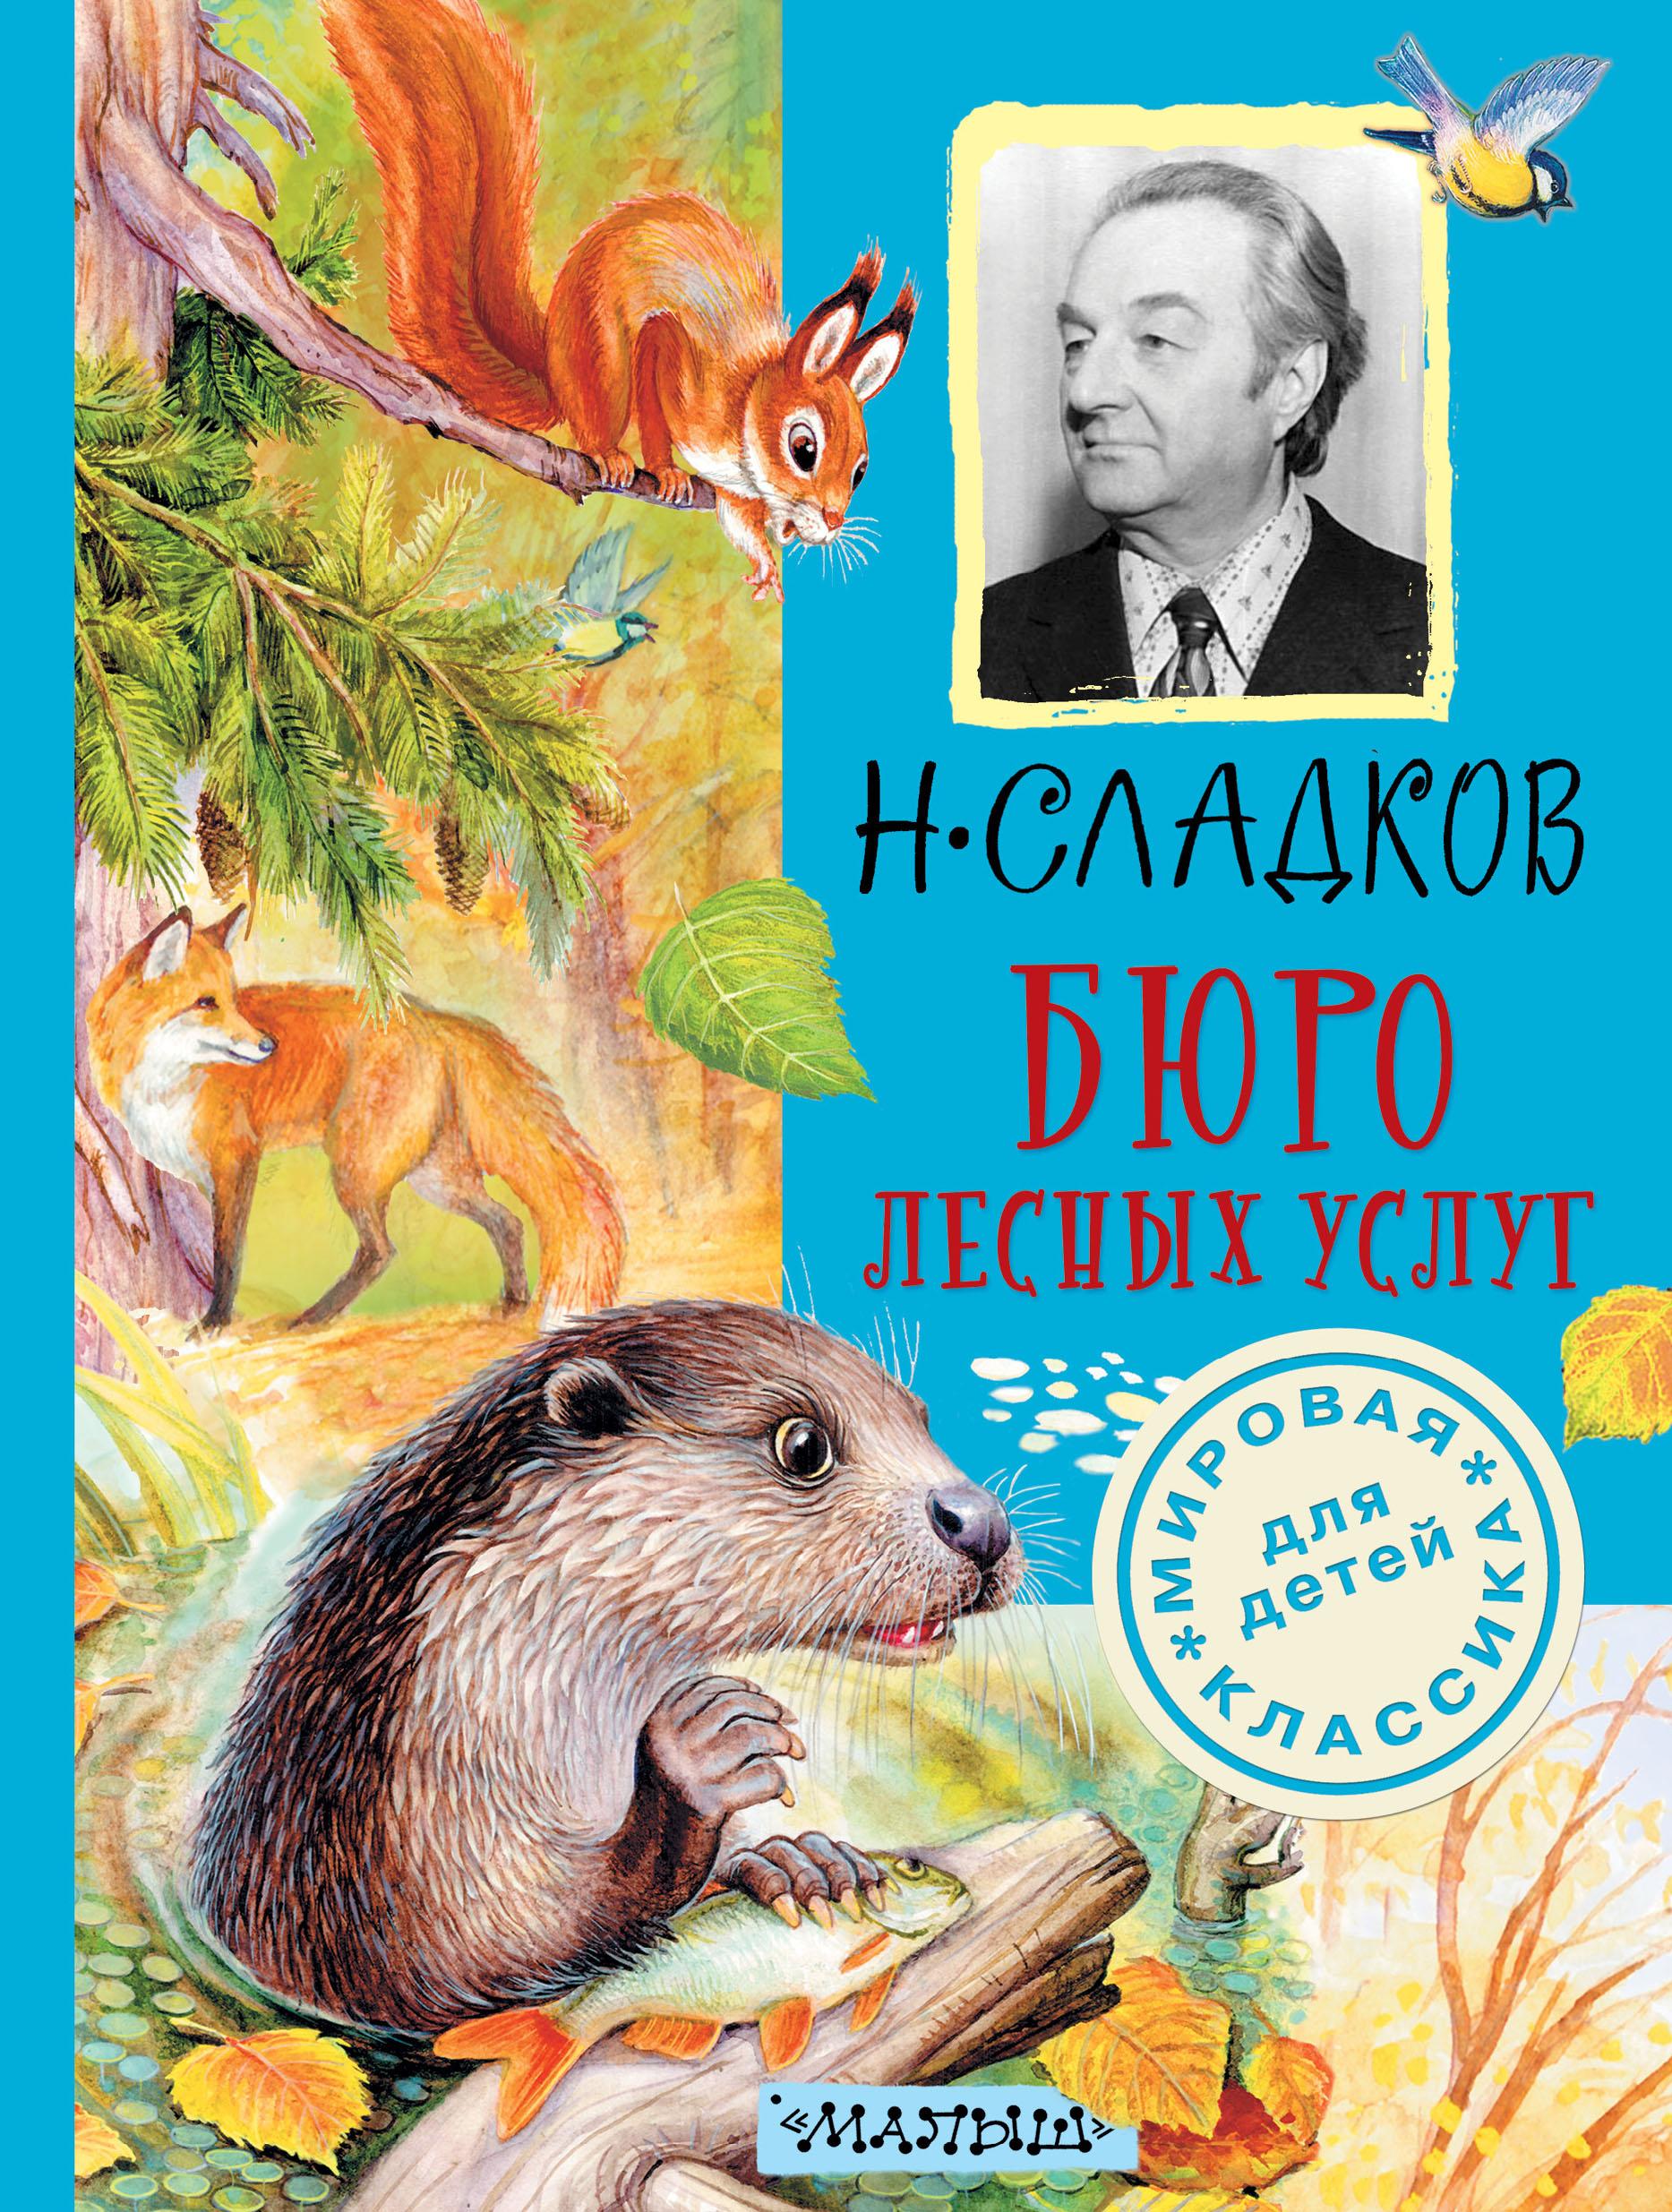 Сладков Н.И. Бюро лесных услуг л н толстой произведения для детского чтения